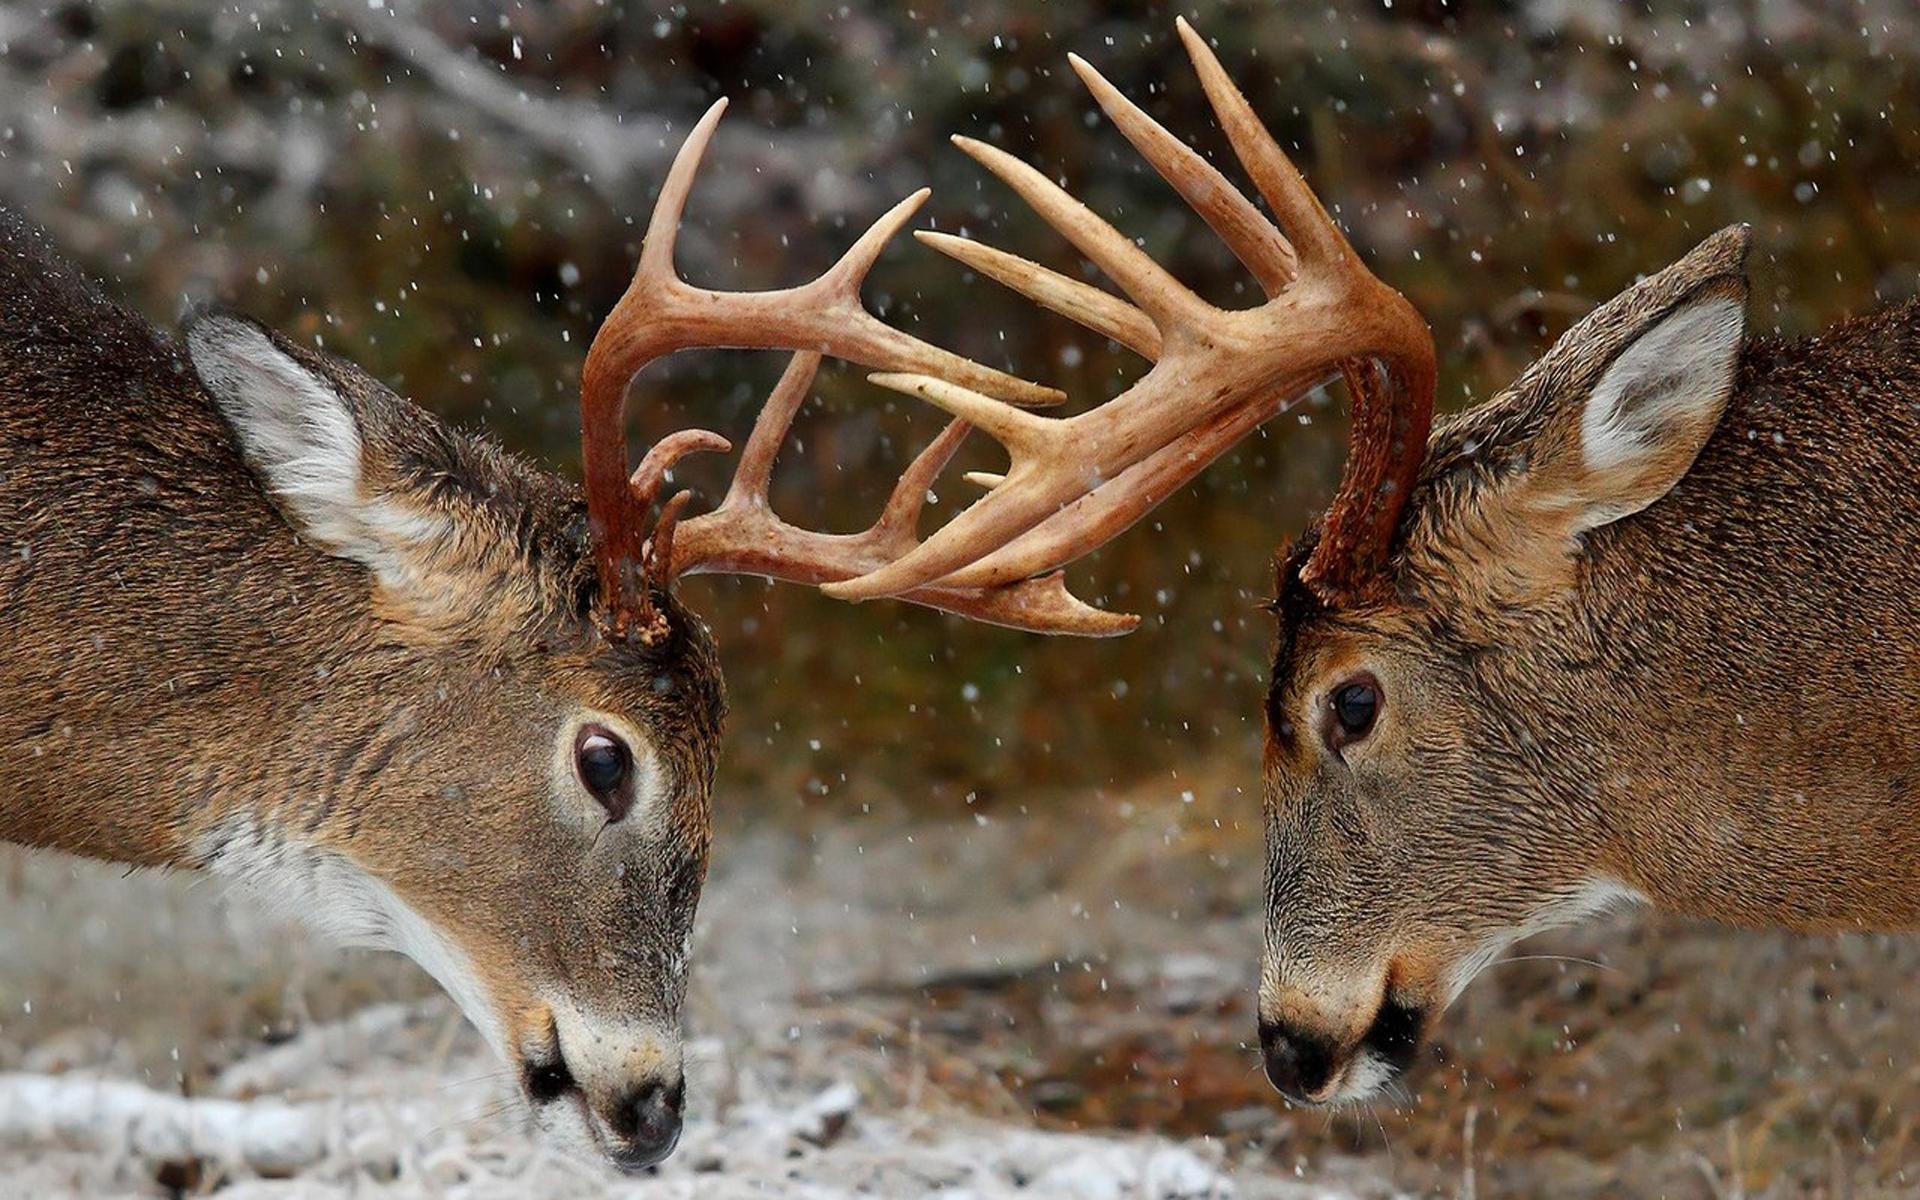 Deer Wallpapers For Desktop